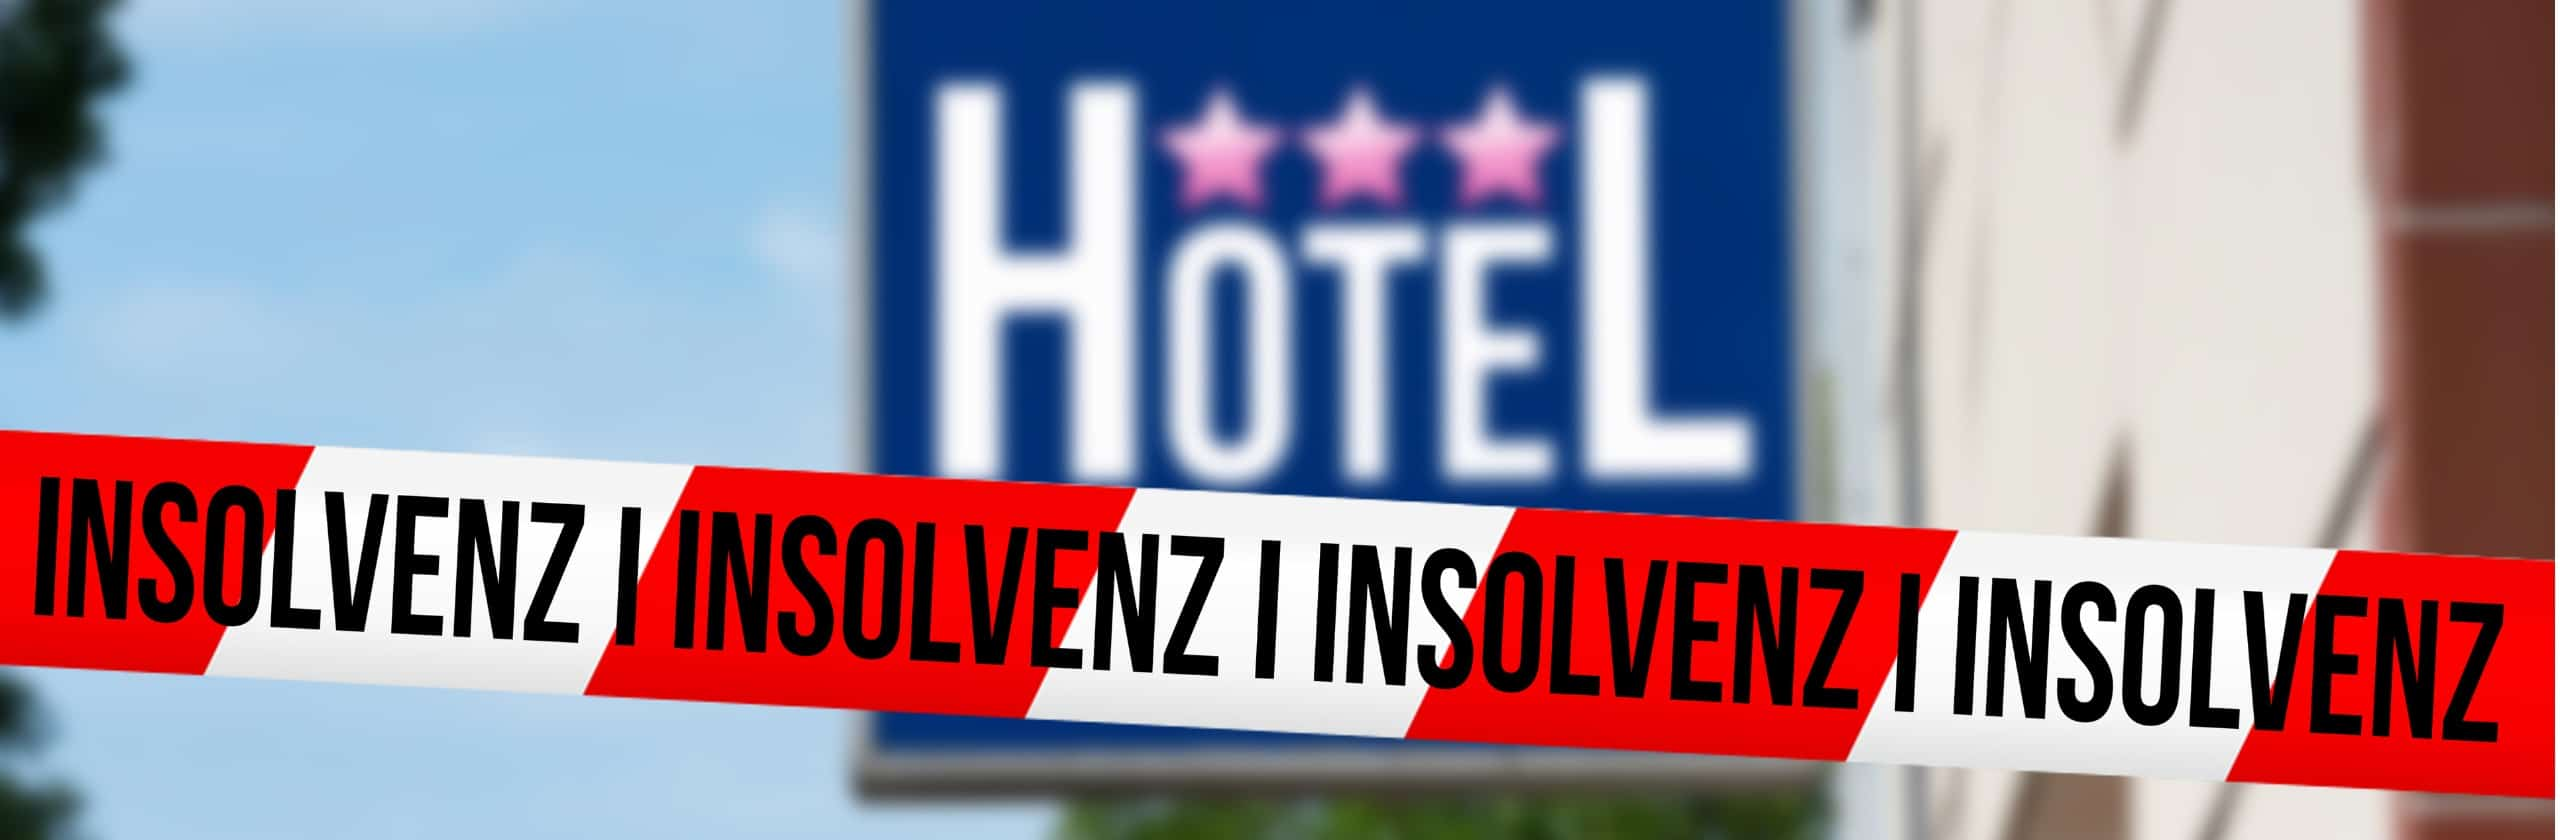 GmbH Insolvenzverschleppung bei Hotels